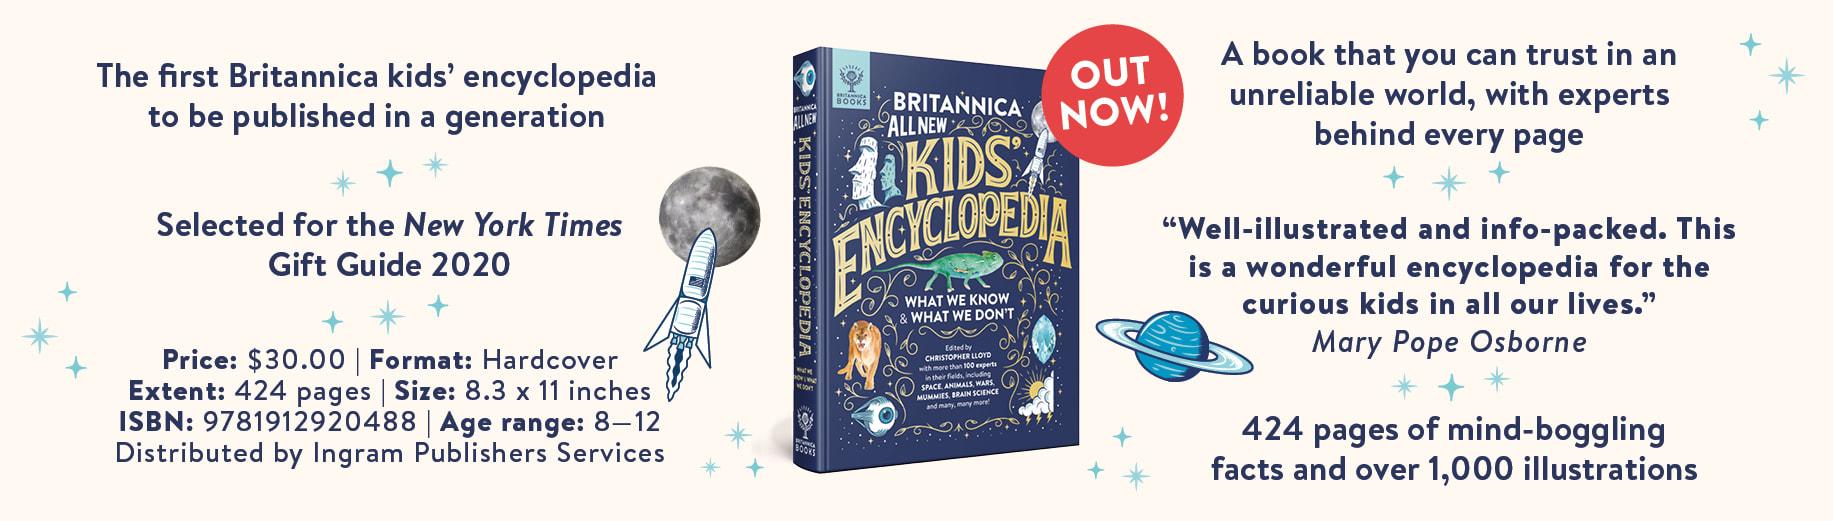 Britannica banner